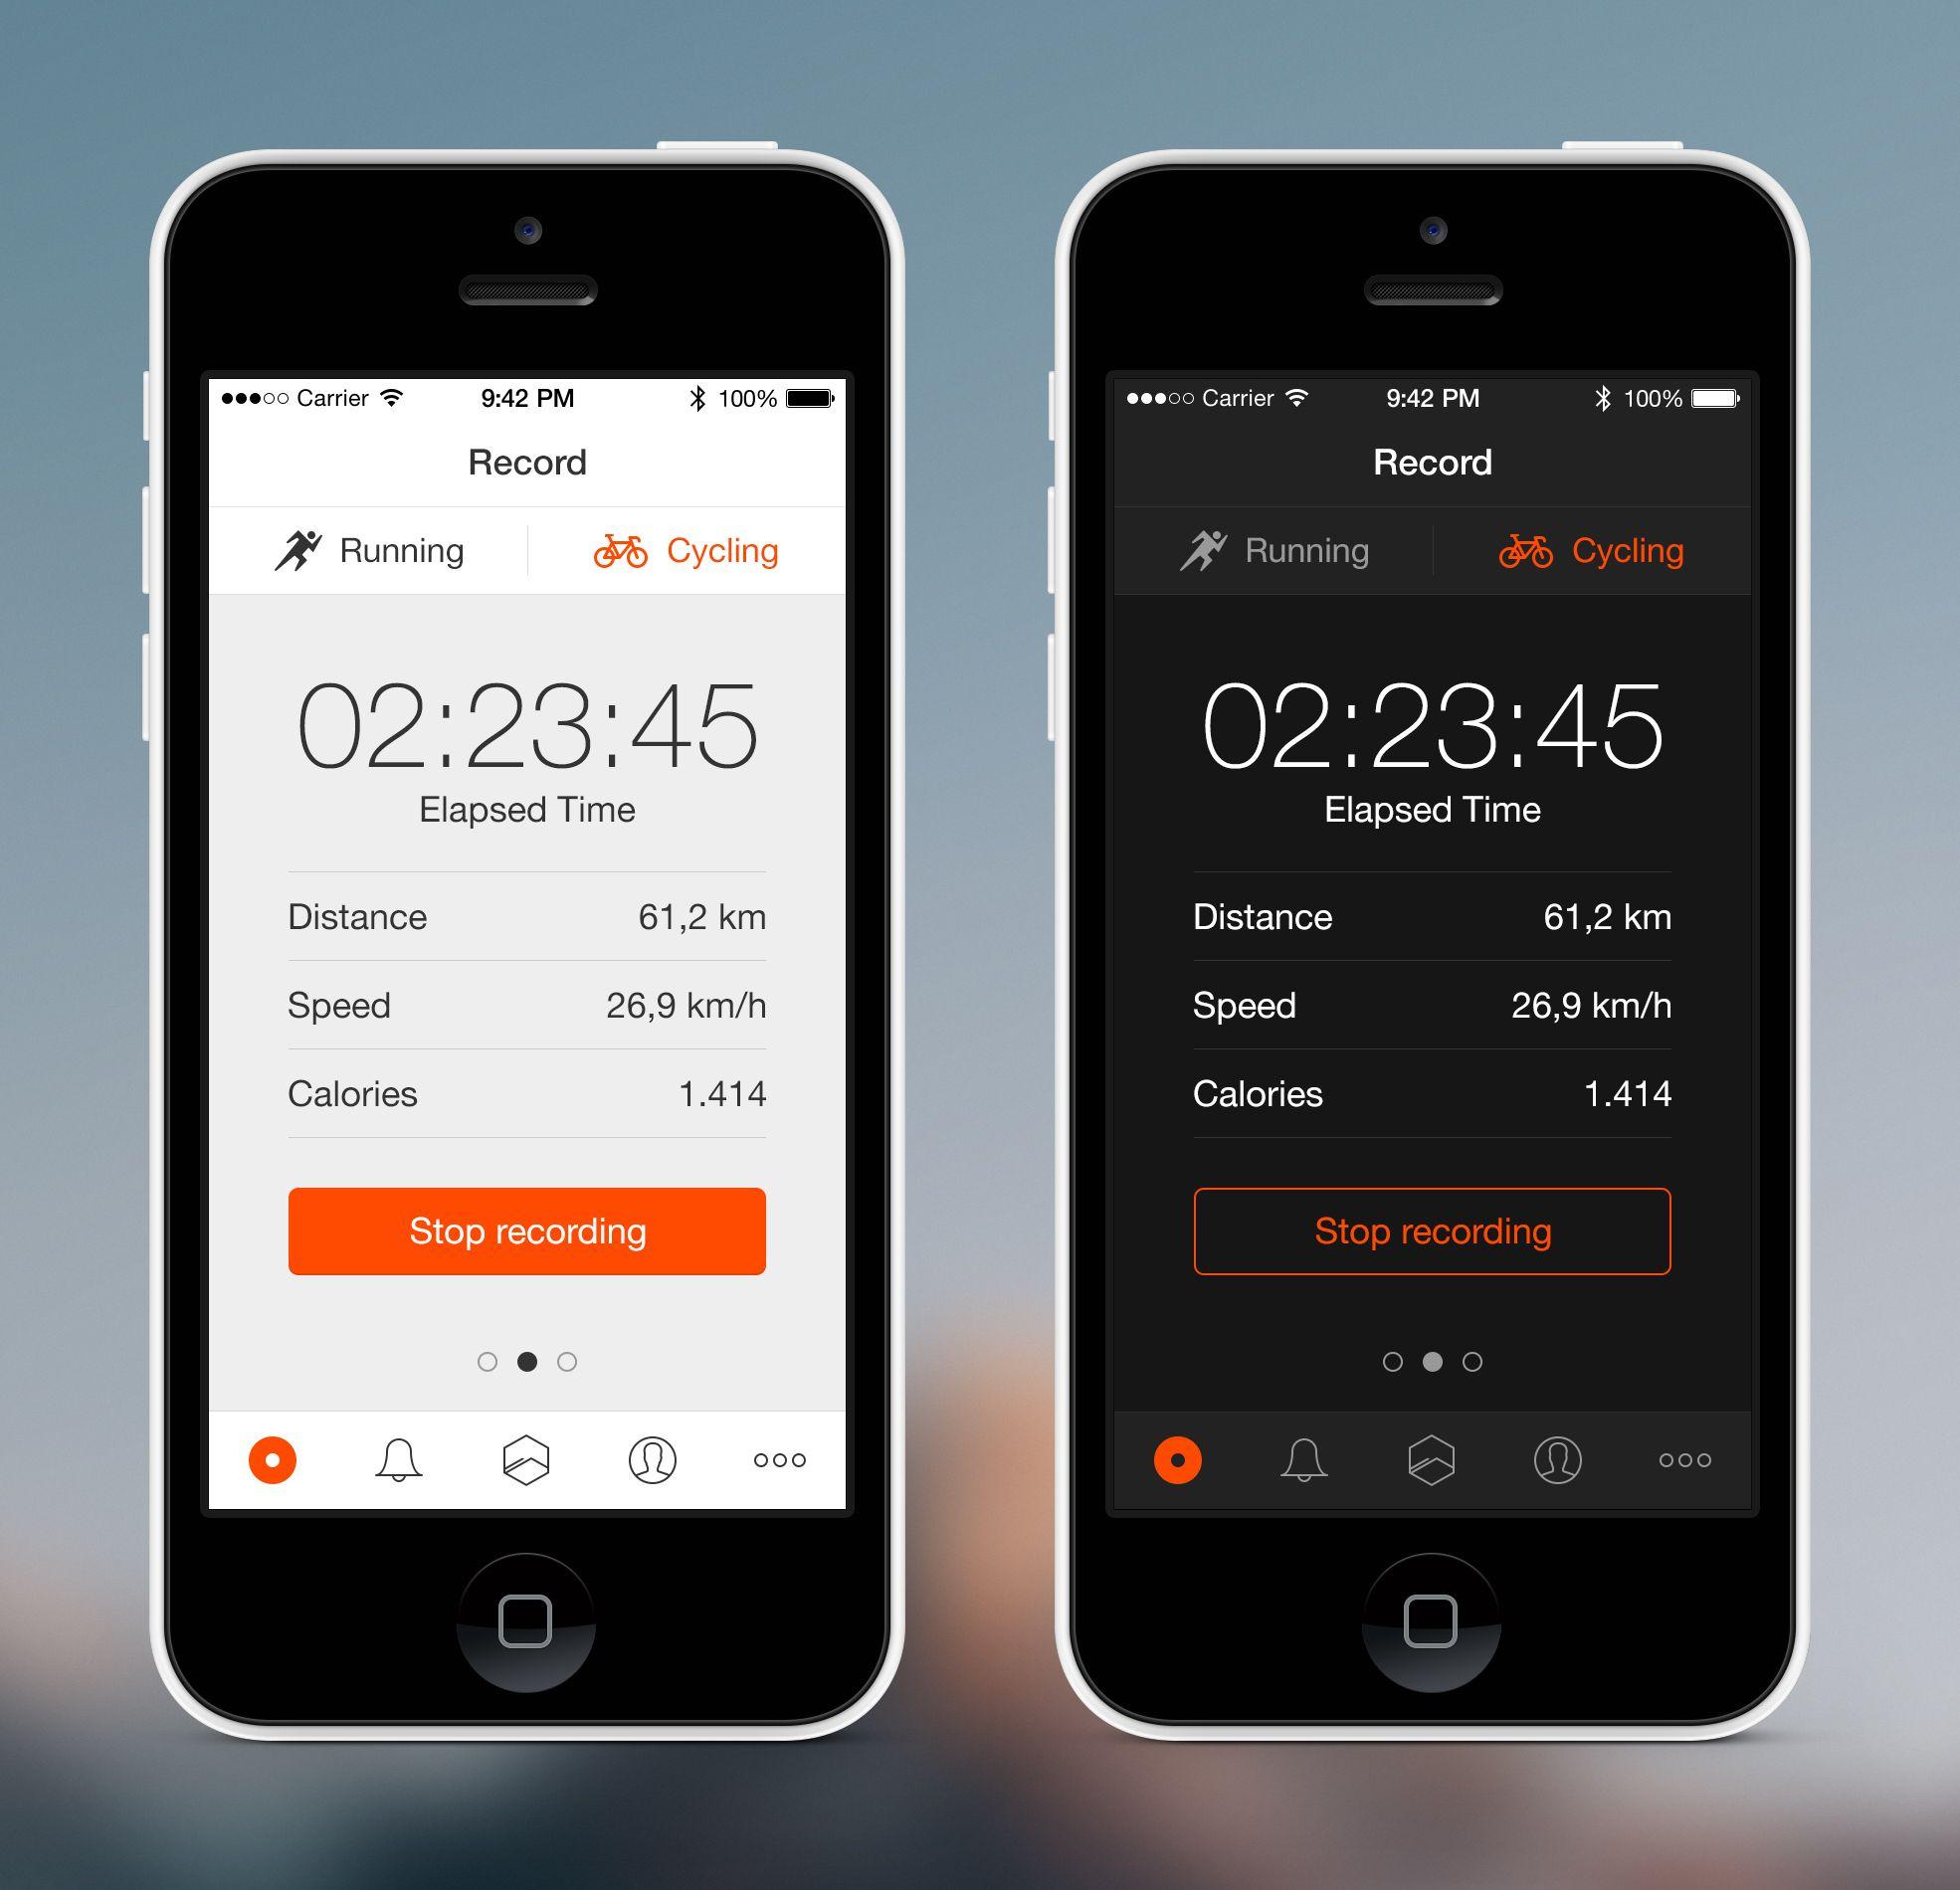 Dribbble social app ui design jpg by ramotion - Mobile Ui Design